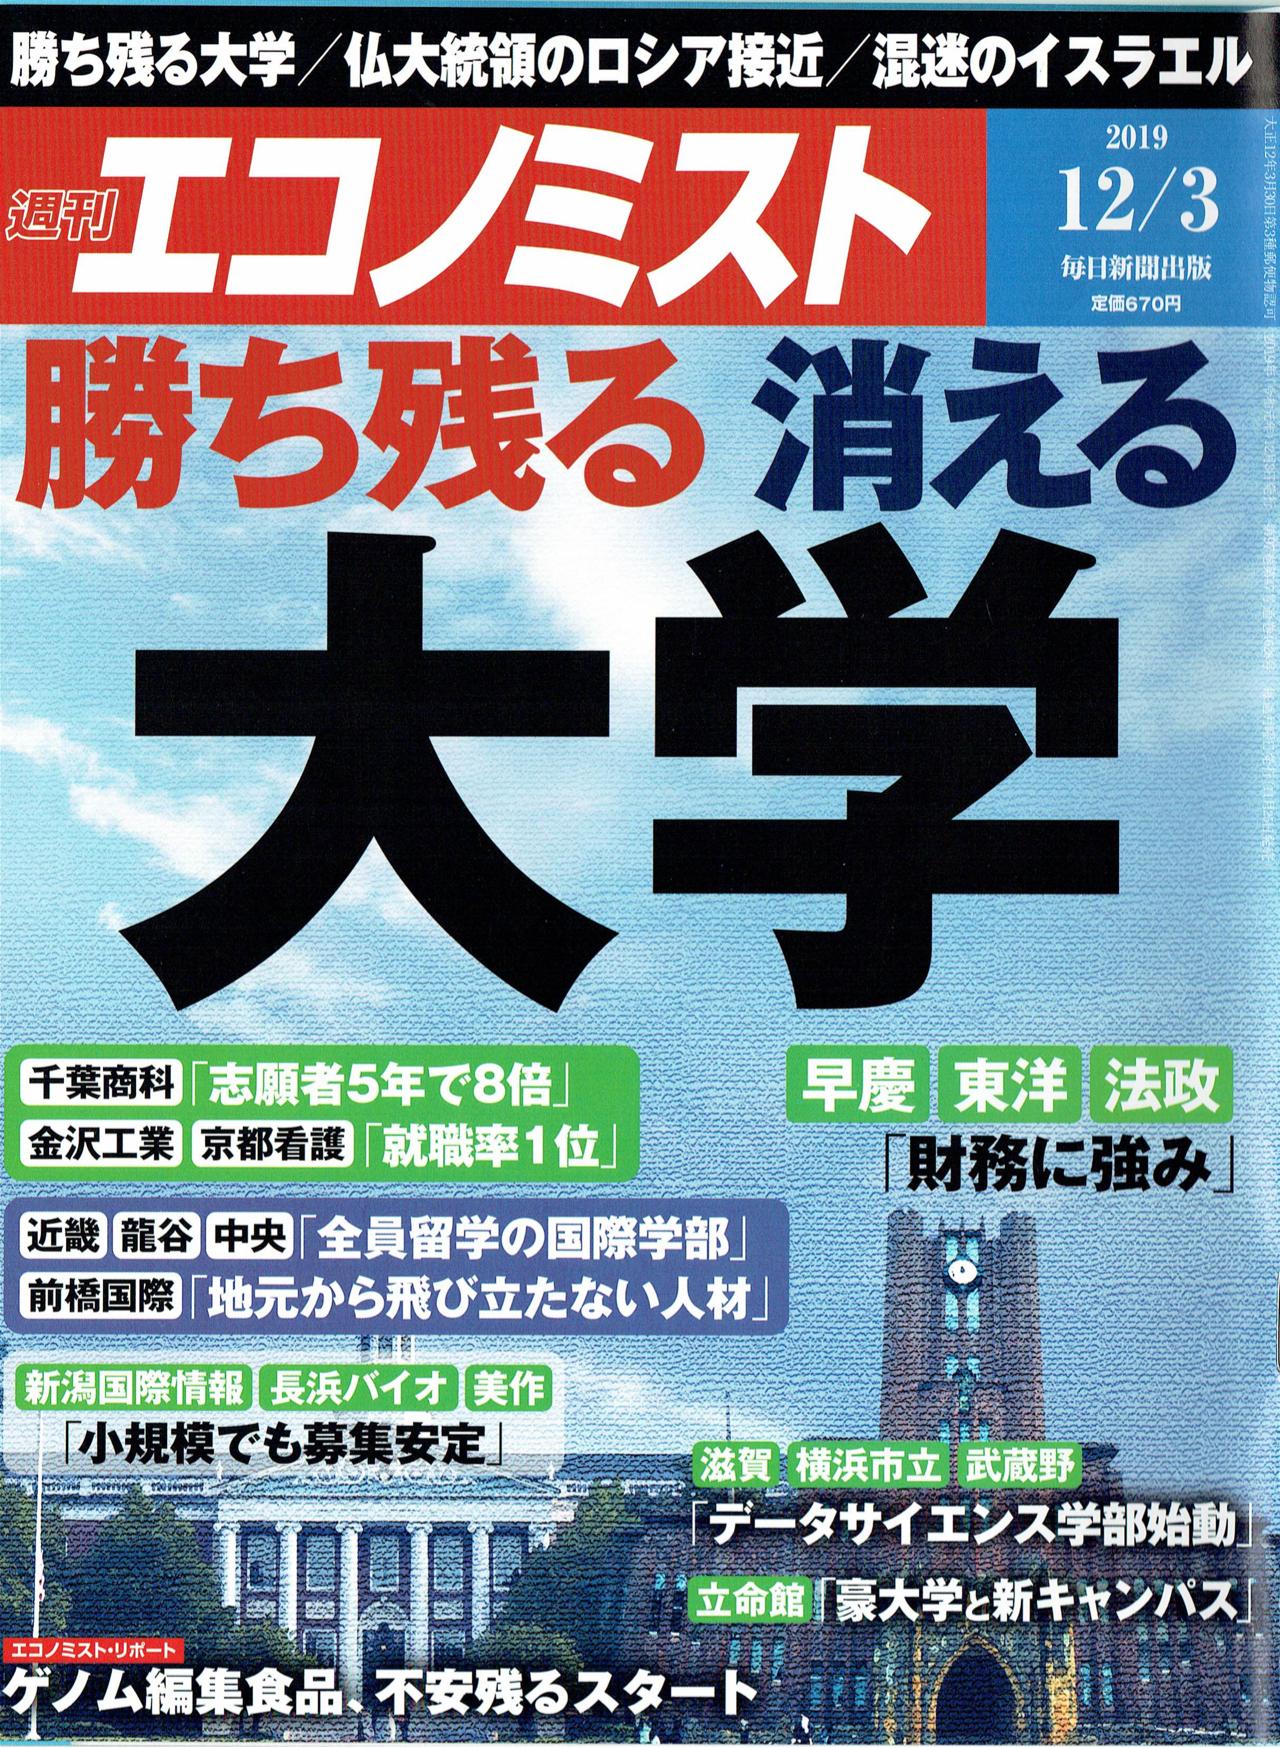 週刊エコノミスト 2019年12月3日号表紙